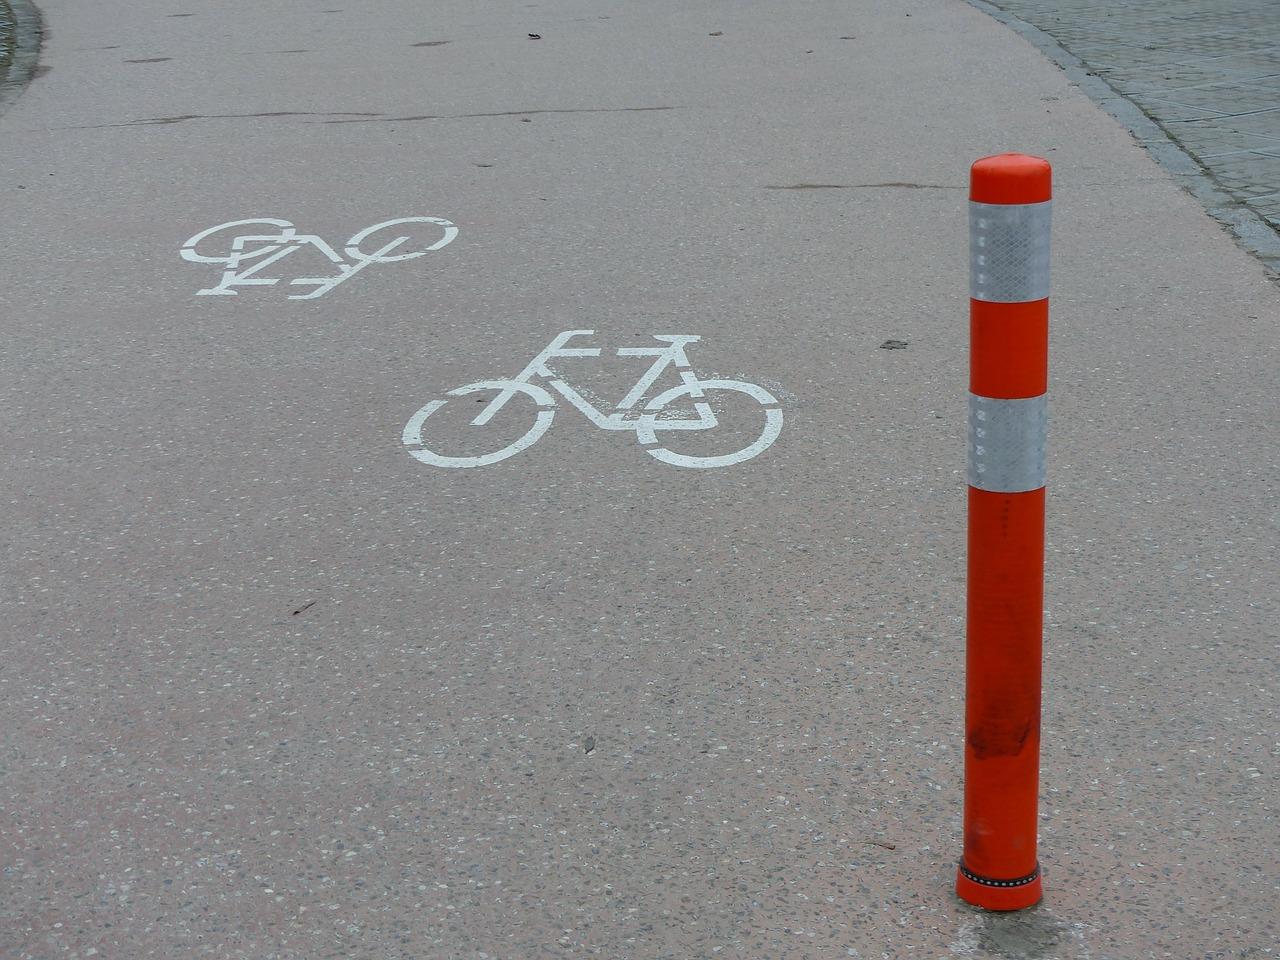 Ścieżki rowerowe zostaną przeznaczone dla aut?